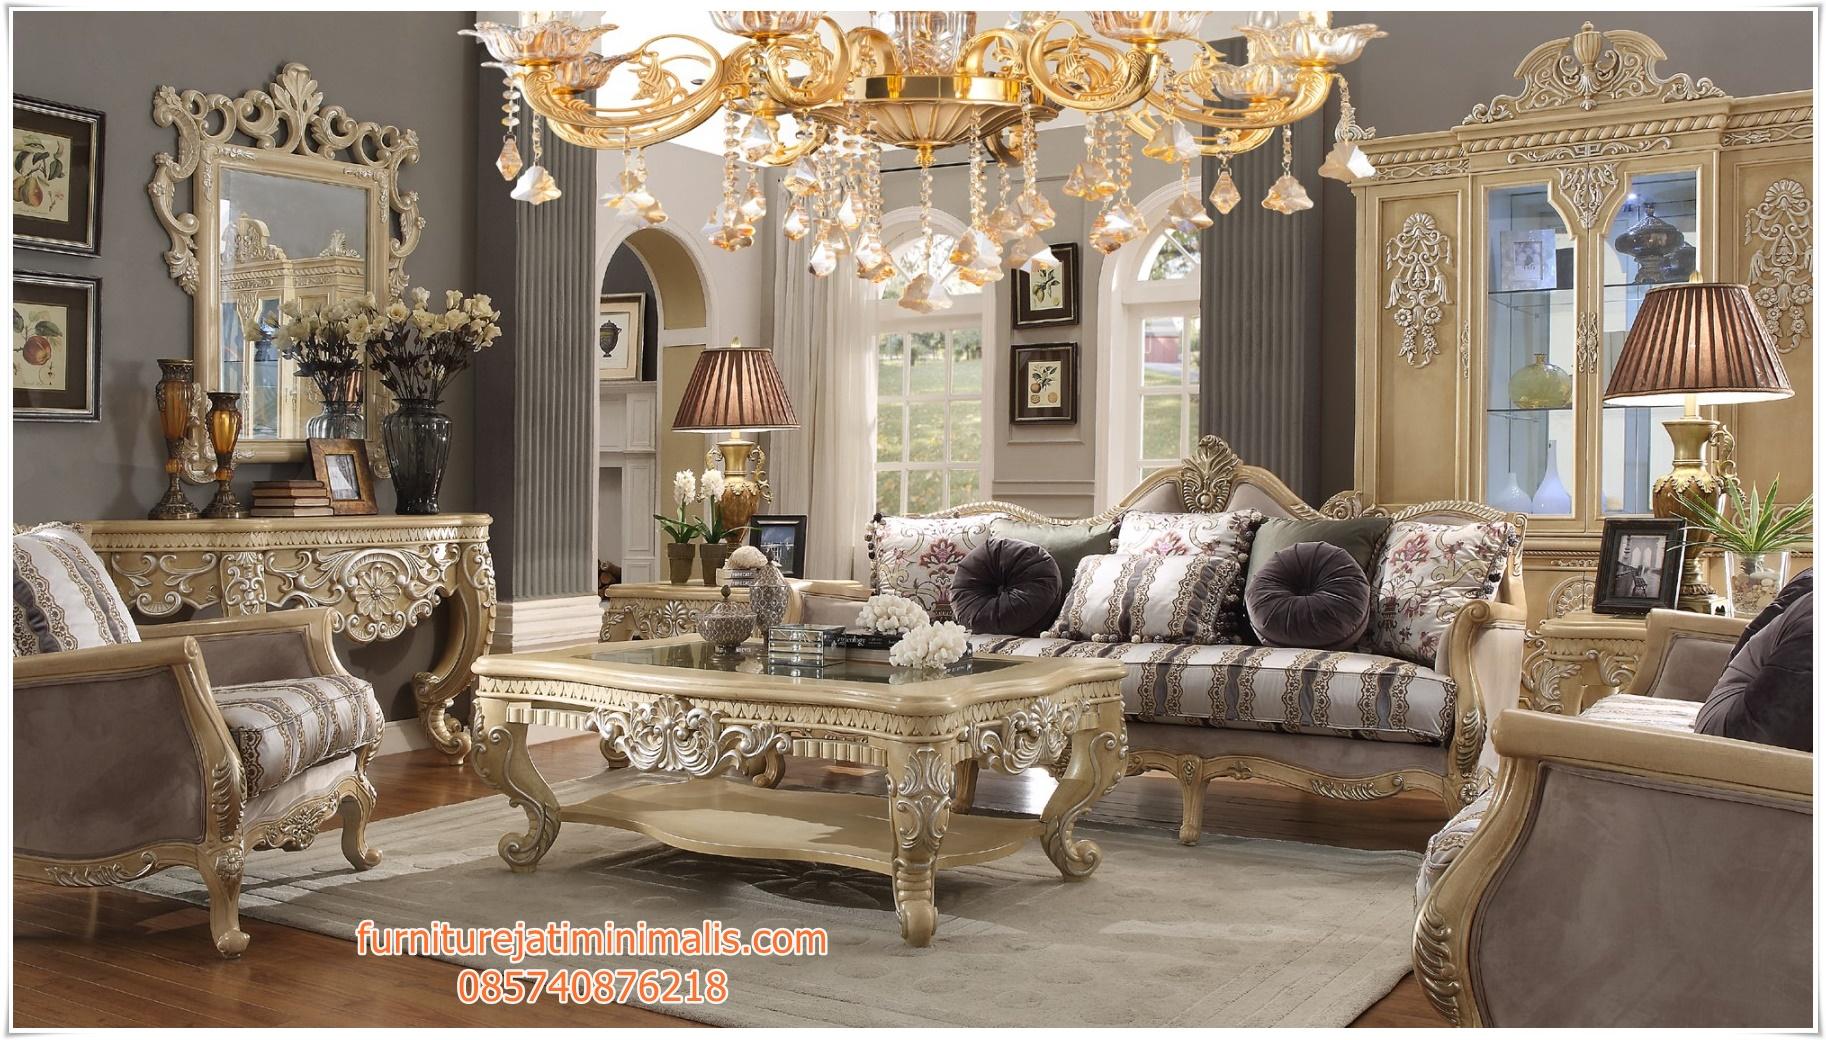 kursi sofa mewah warna putih, kursi sofa mewah murah, kursi sofa mewah terbaru, model kursi tamu mewah, harga sofa terbaru 2017, model sofa terbaru 2016, model sofa terbaru 2017 dan harganya, model sofa untuk ruang tamu kecil, gambar kursi sofa mewah